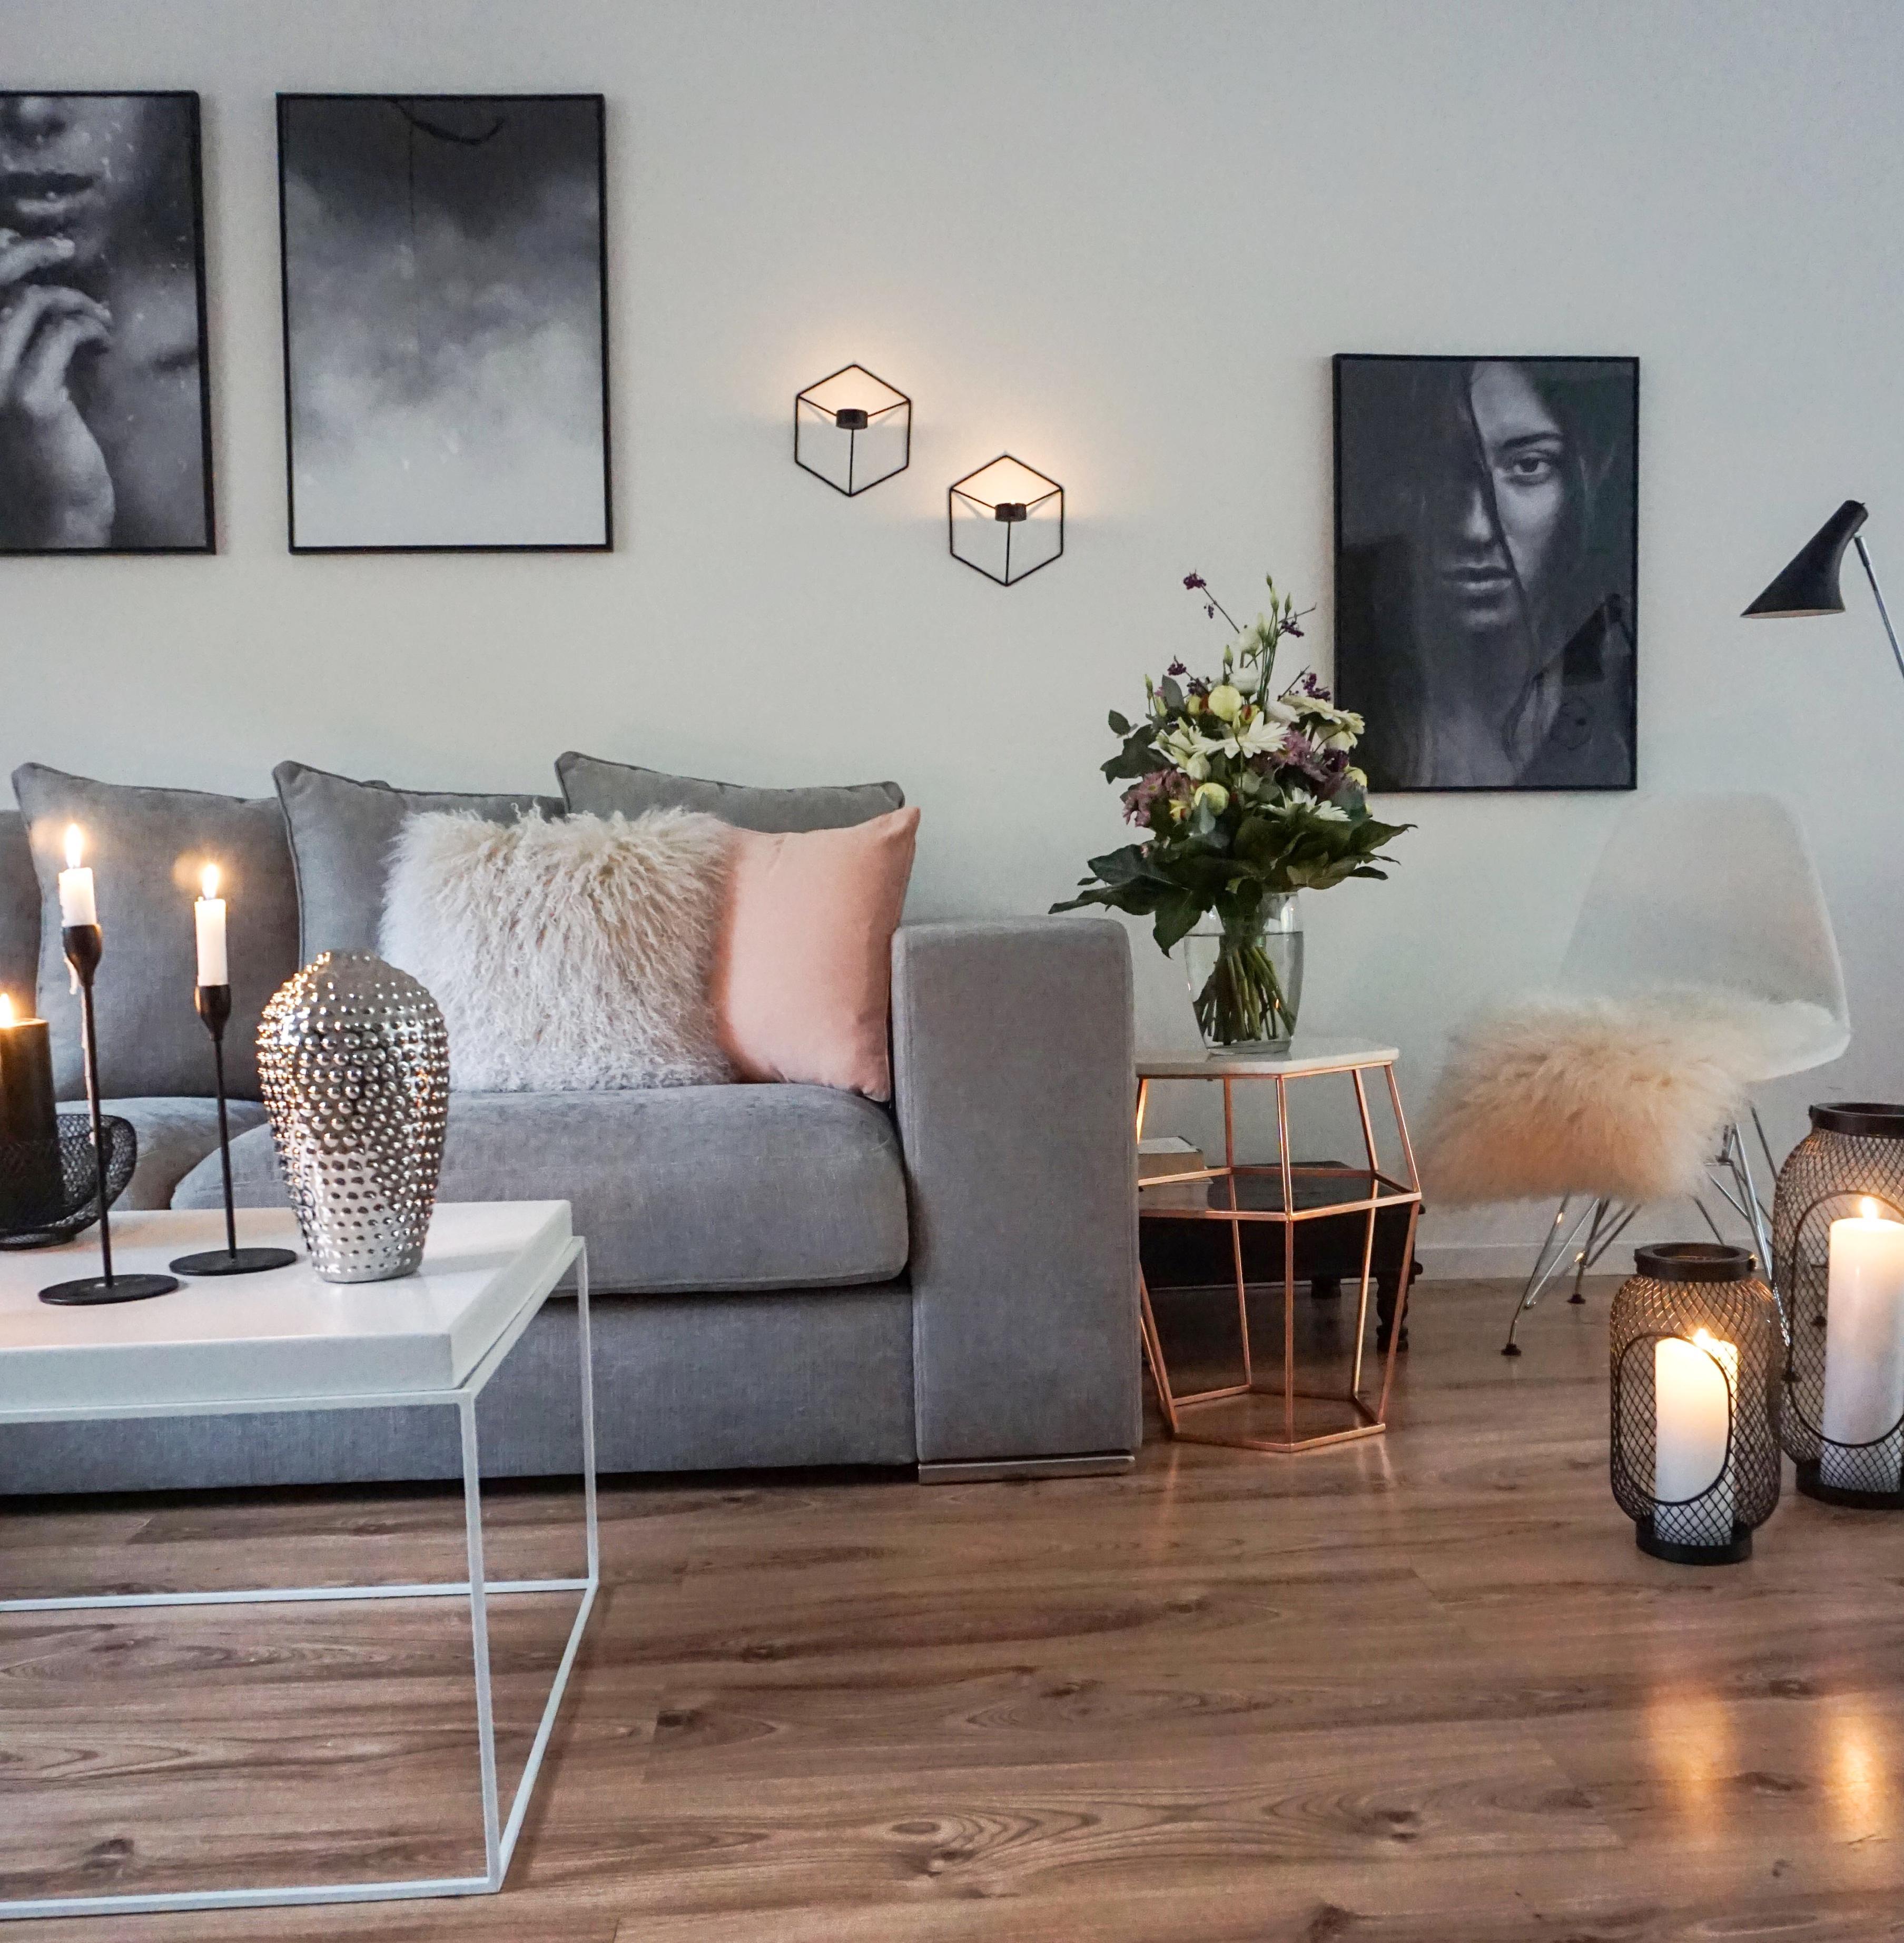 ecksofa • bilder & ideen • couchstyle, Wohnzimmer